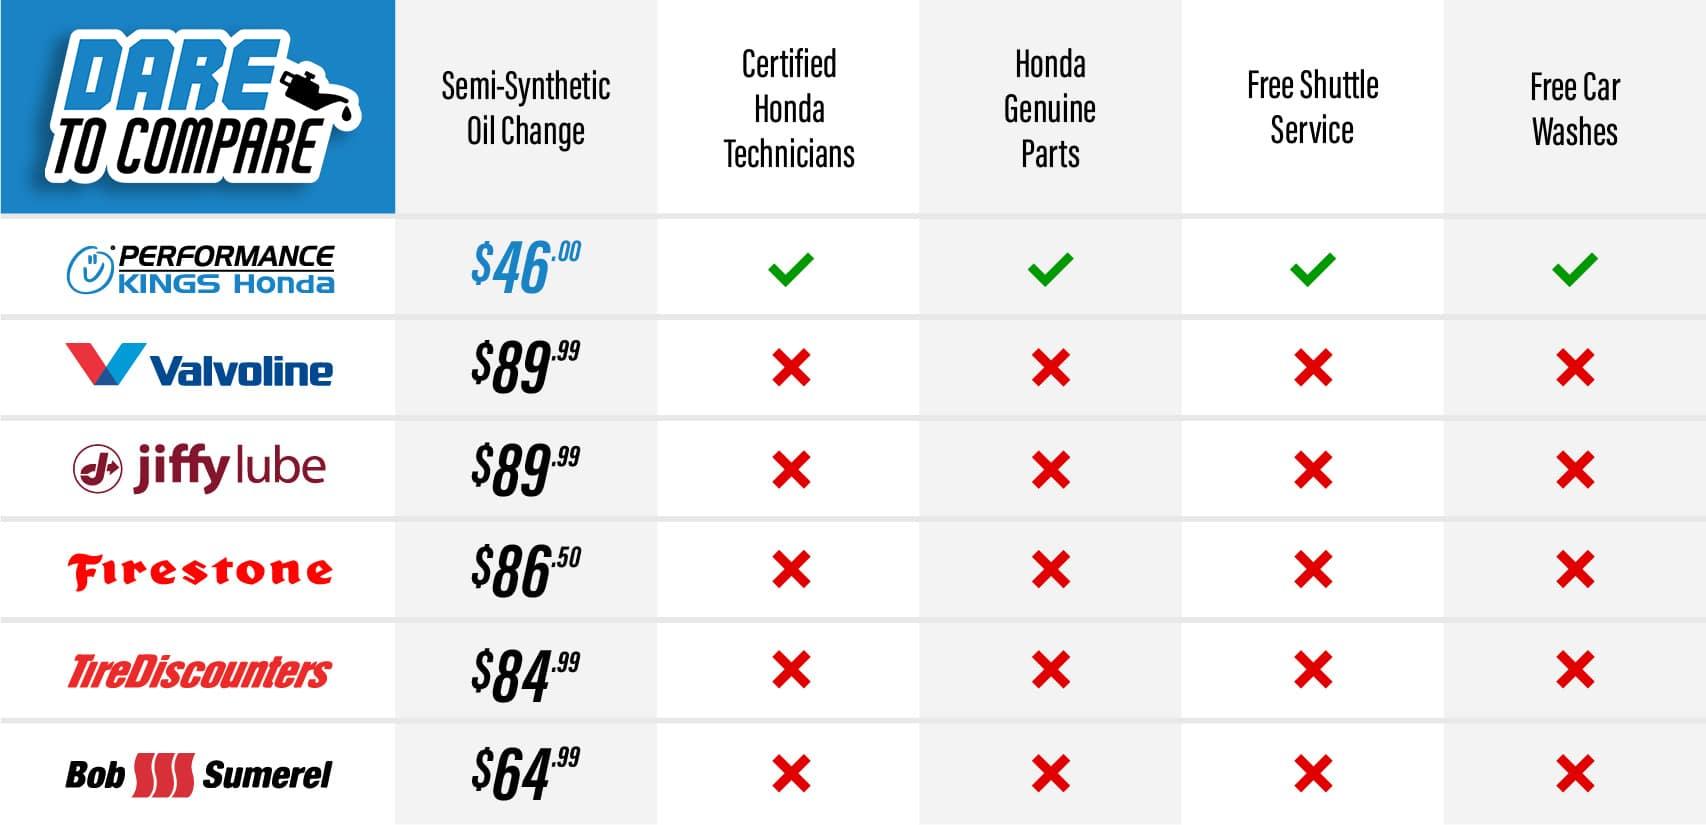 dare-to-compare-honda-oil-change-deal